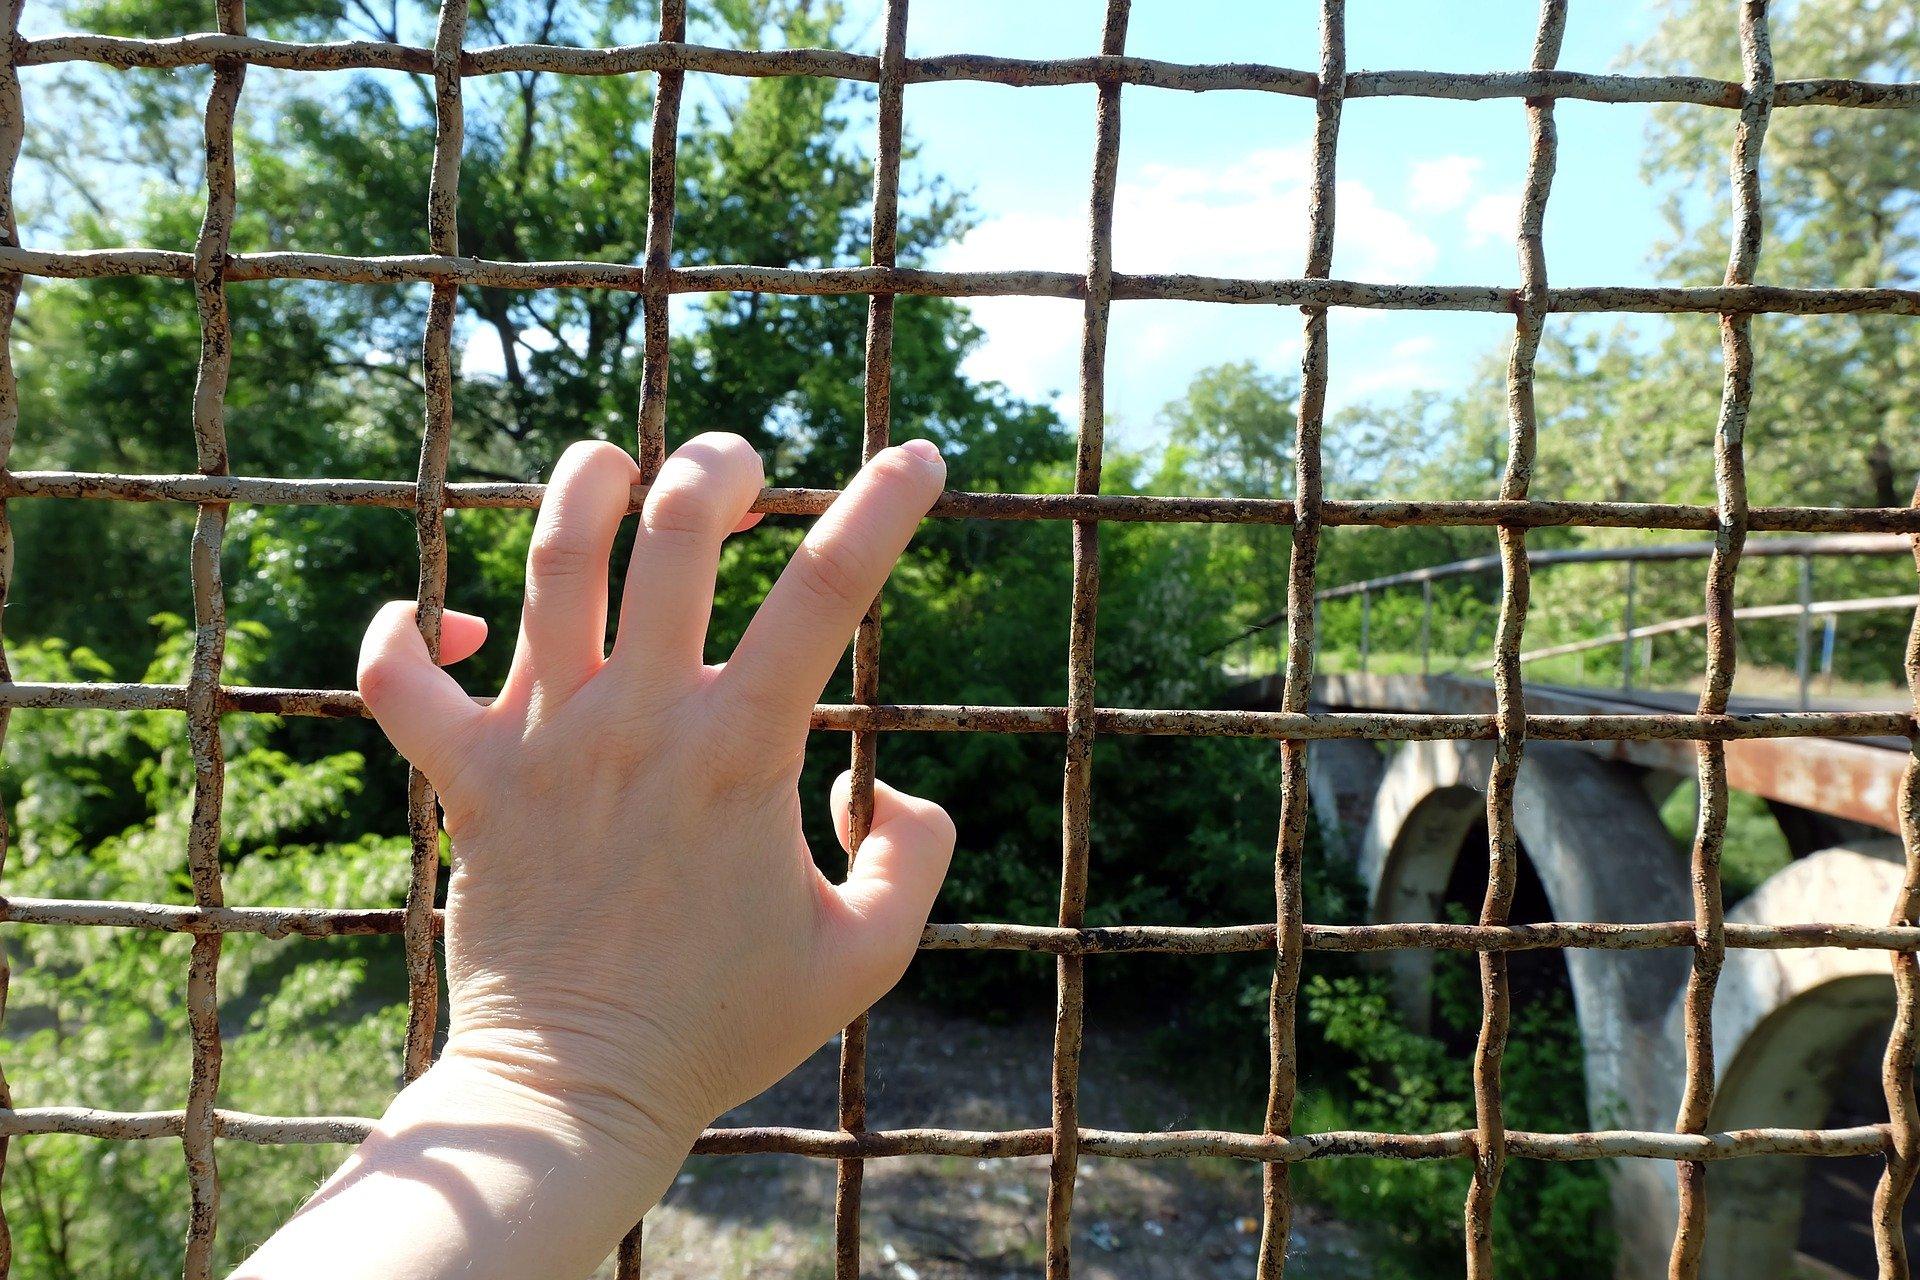 Eine Hand hält ein Gitter, im Hintergrund sieht man eine Brücke und Natur